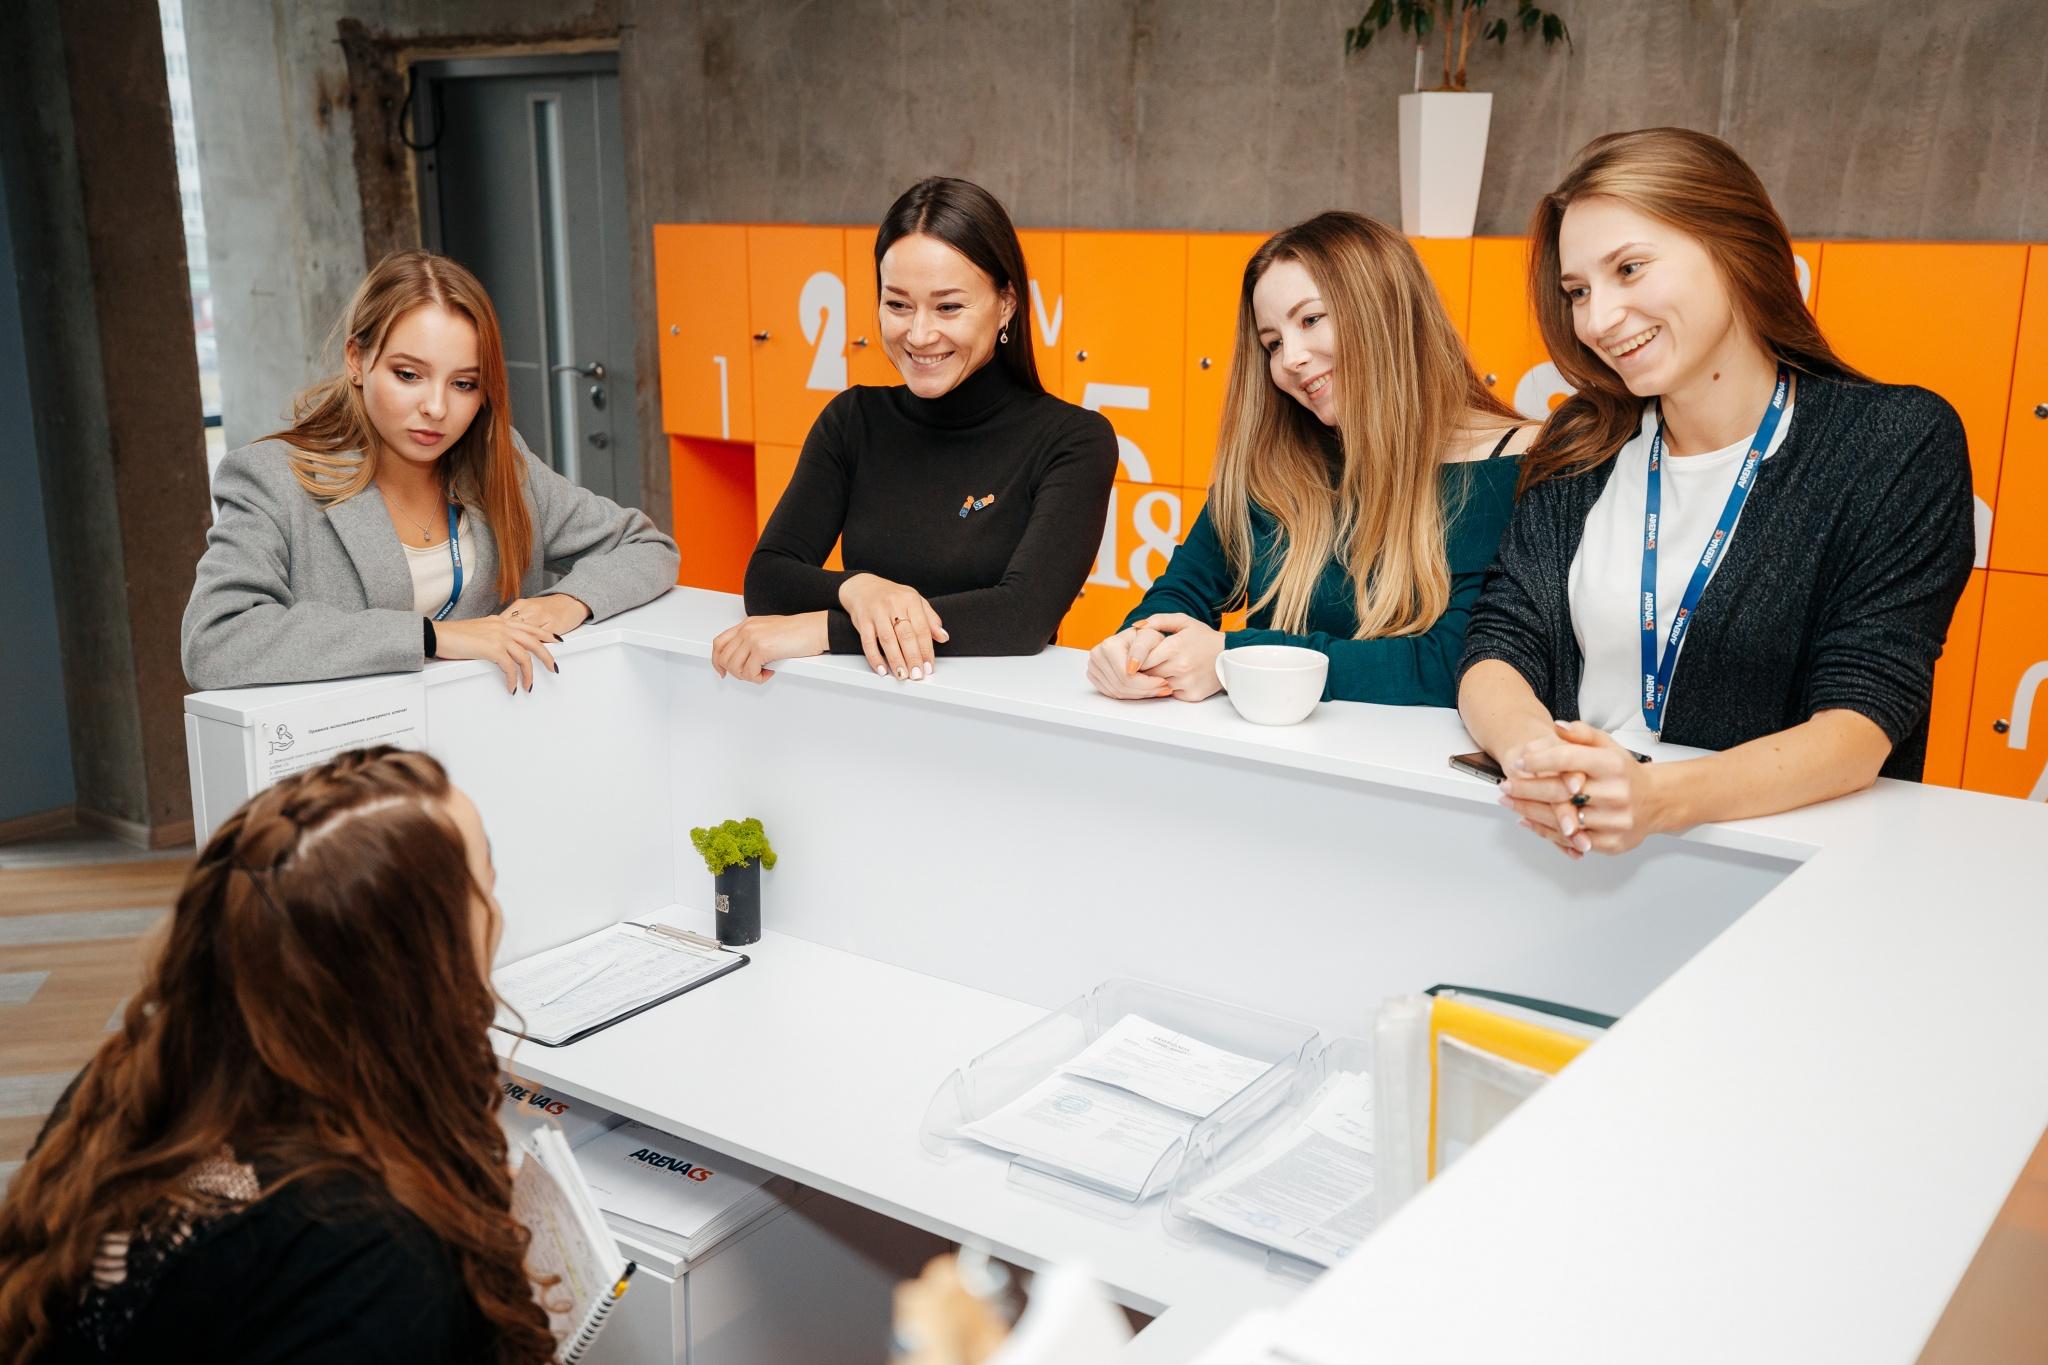 вакансия менеджер по организации мероприятий